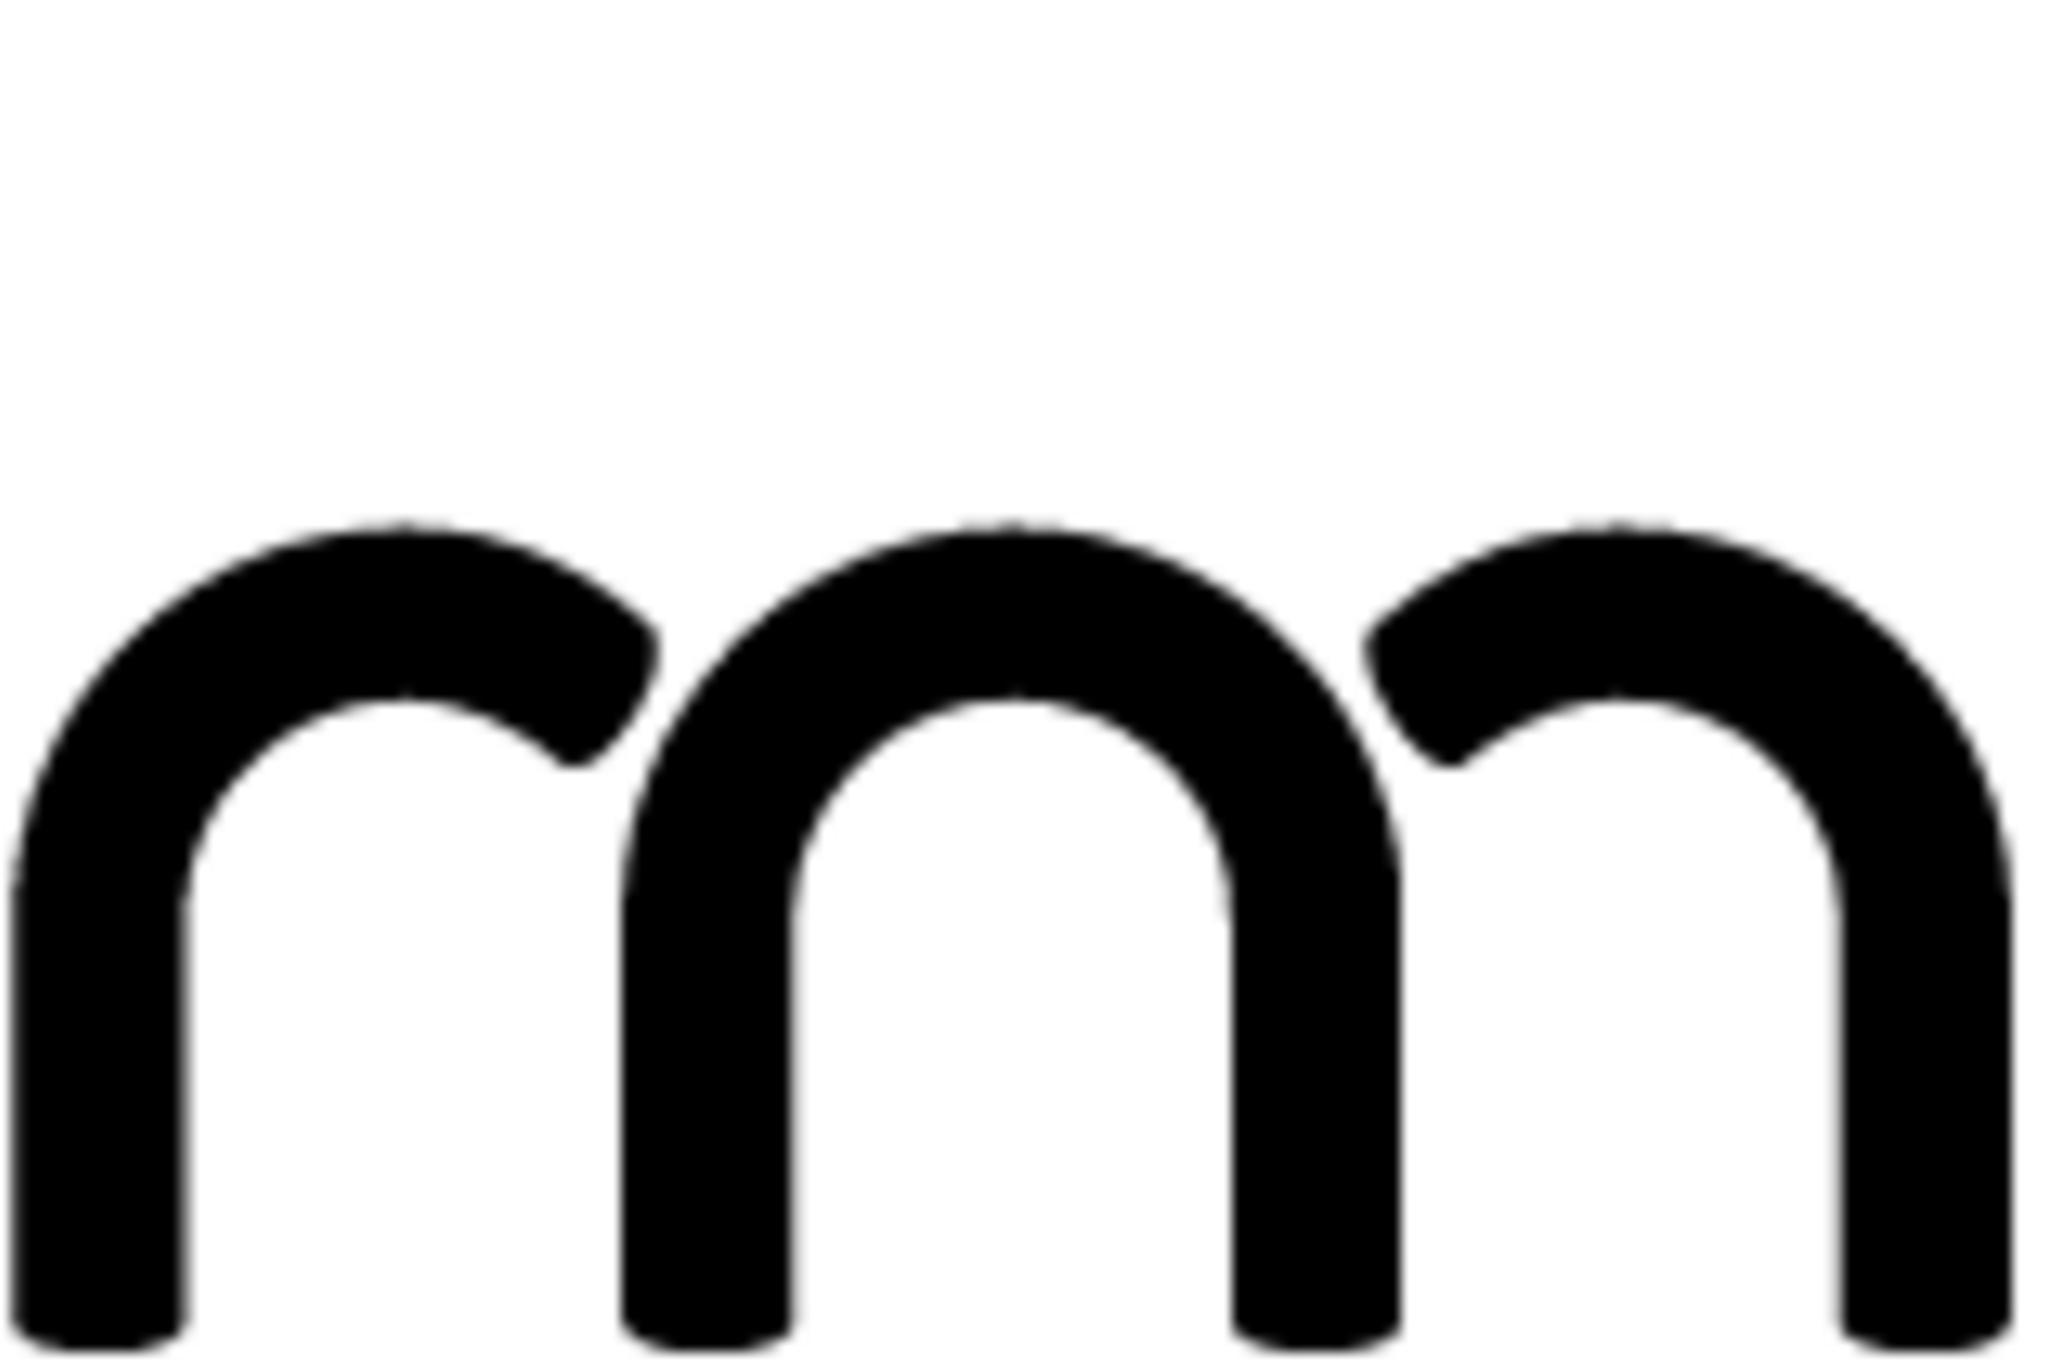 format-logo-black.png